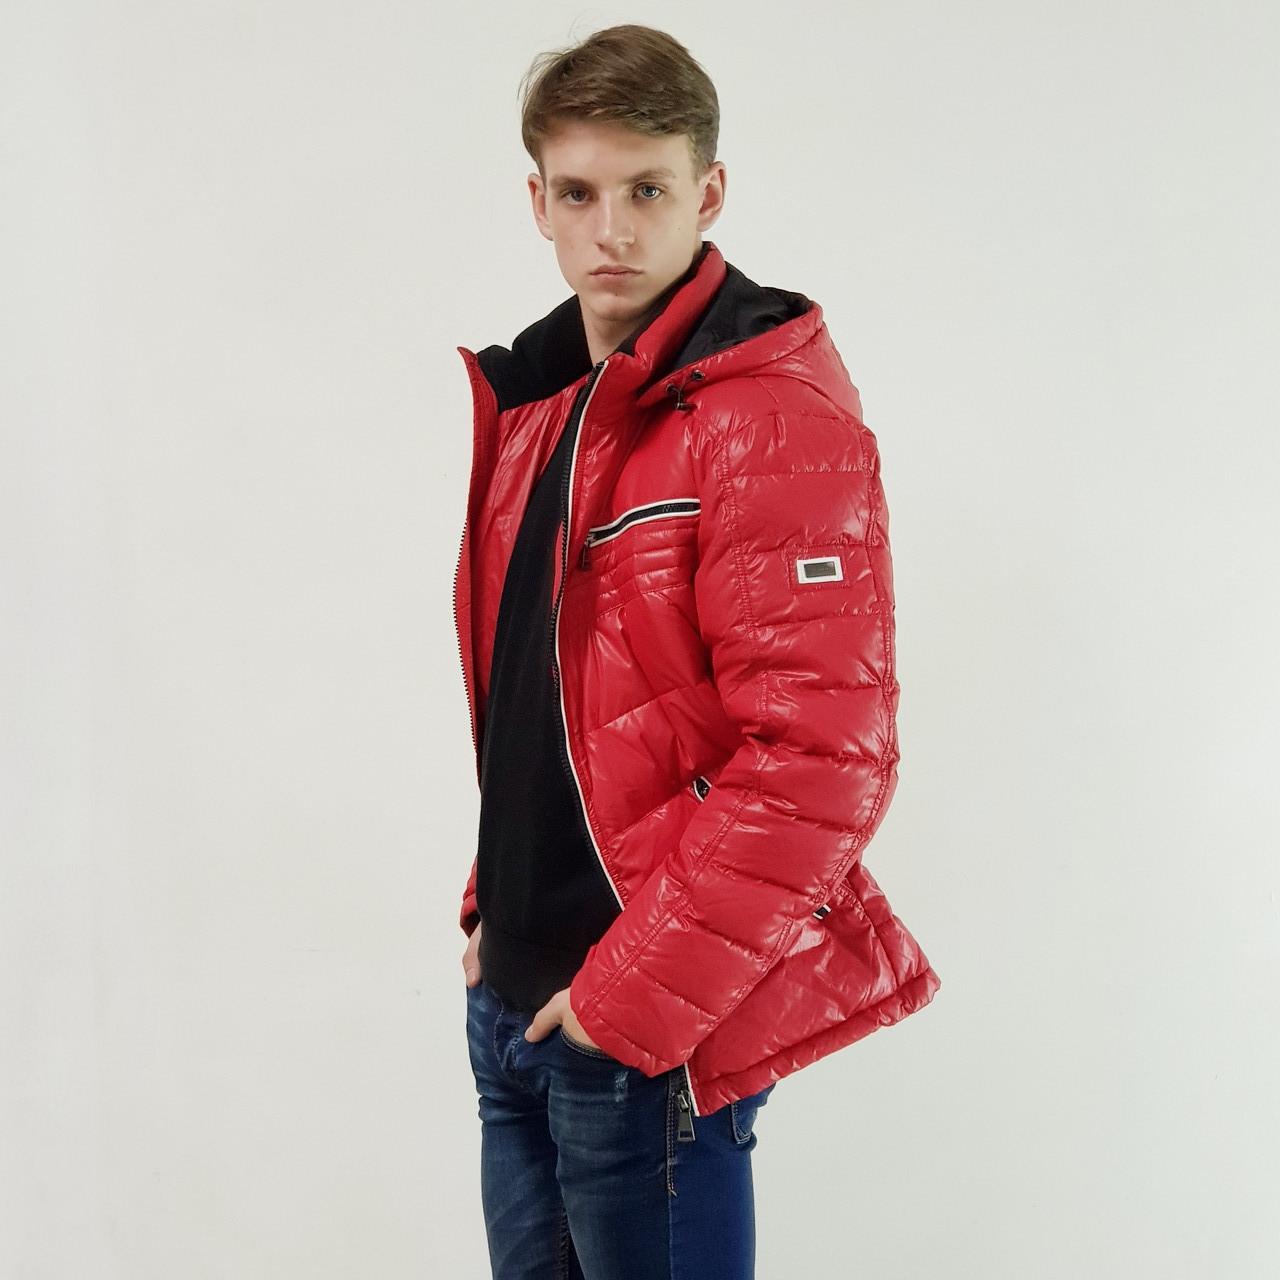 Легкий пуховик мужской Snowimage  красный зимний на пуху с капюшоном 48, скидки